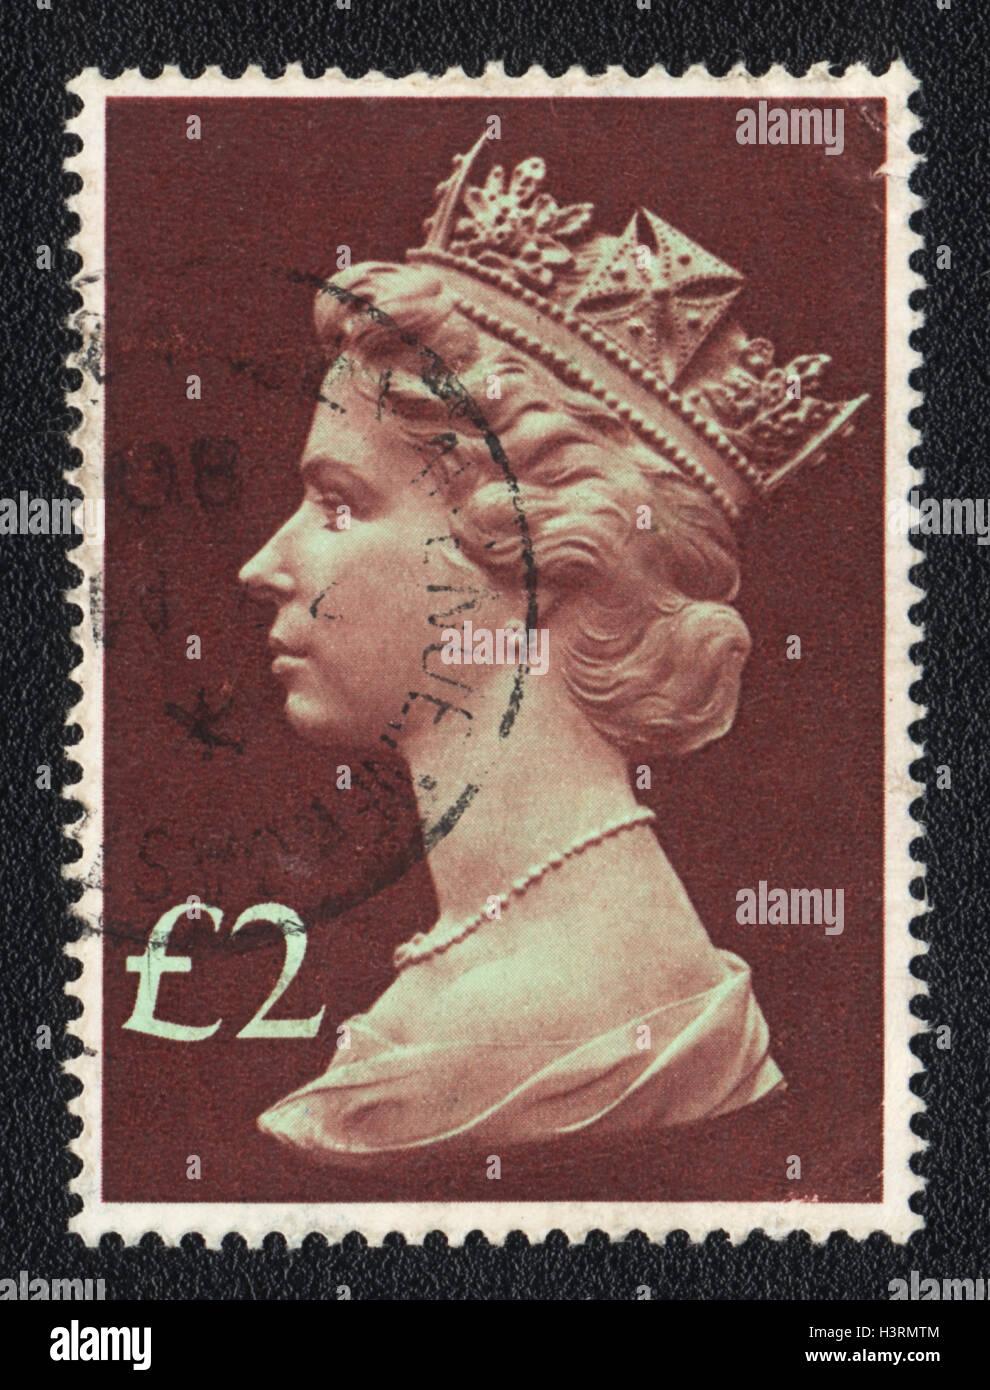 Un sello impreso en Gran Bretaña, muestra el retrato de la Reina Isabel 2nd, 1980 Foto de stock